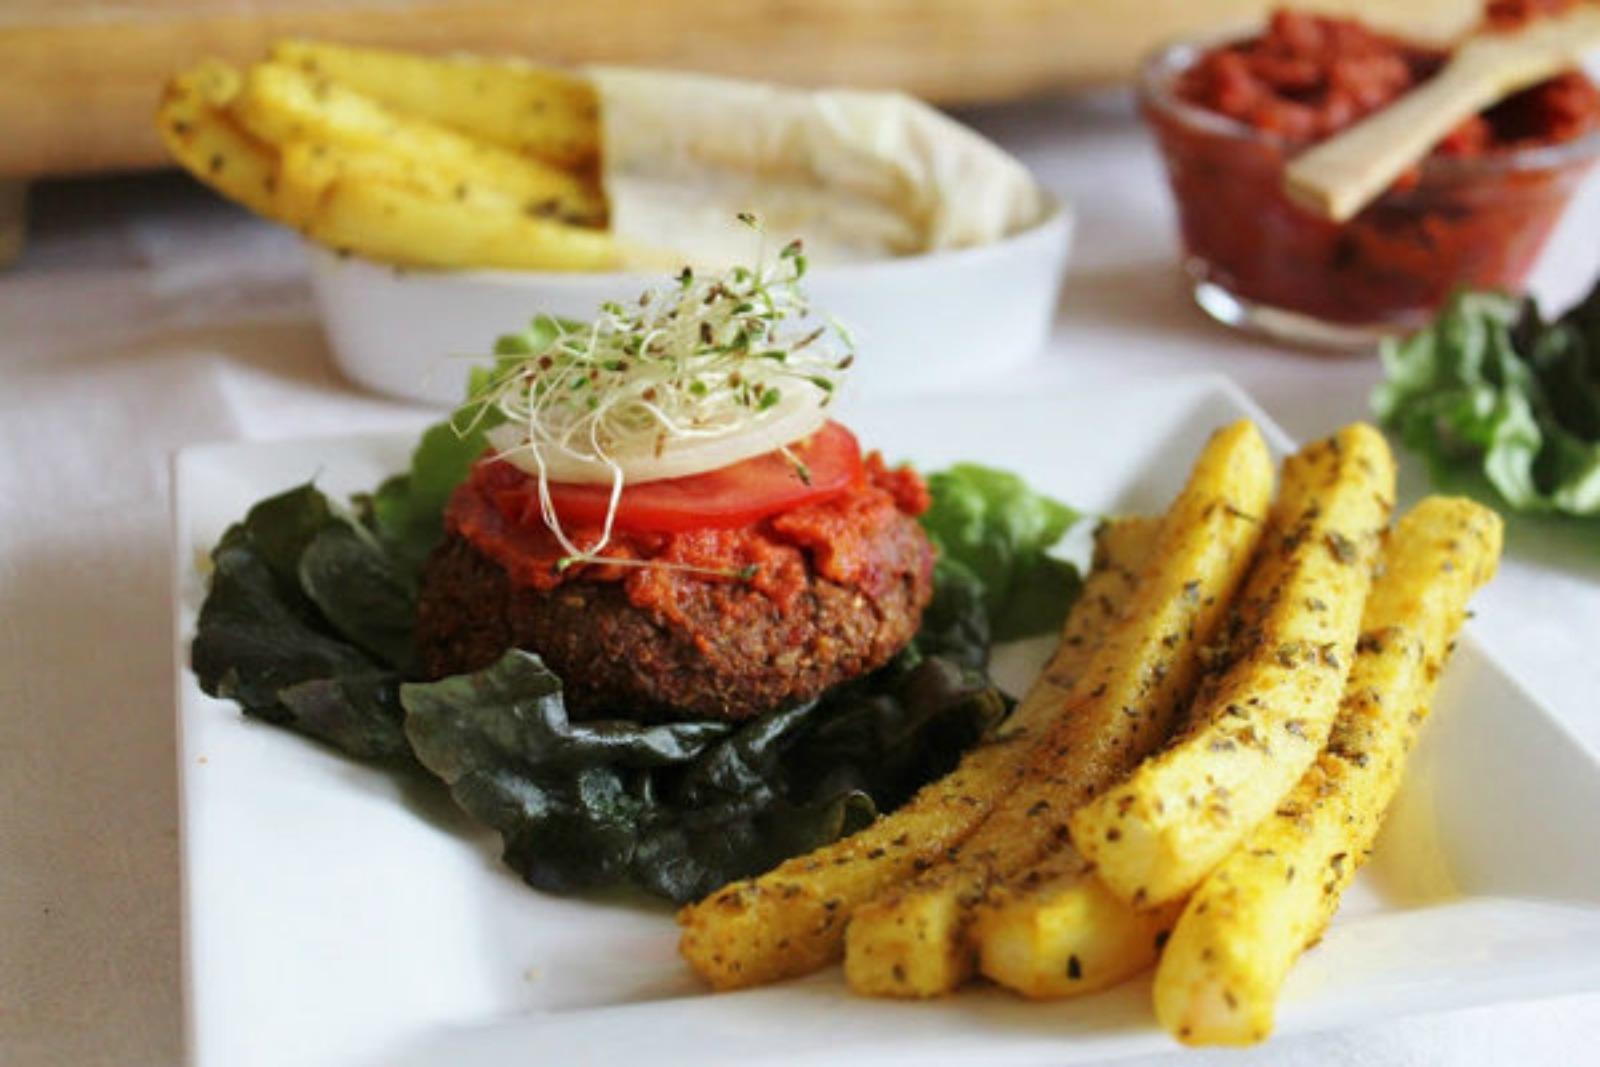 Raw-Yam-Burgers-and-Daikon-Fries-with-Ketchup